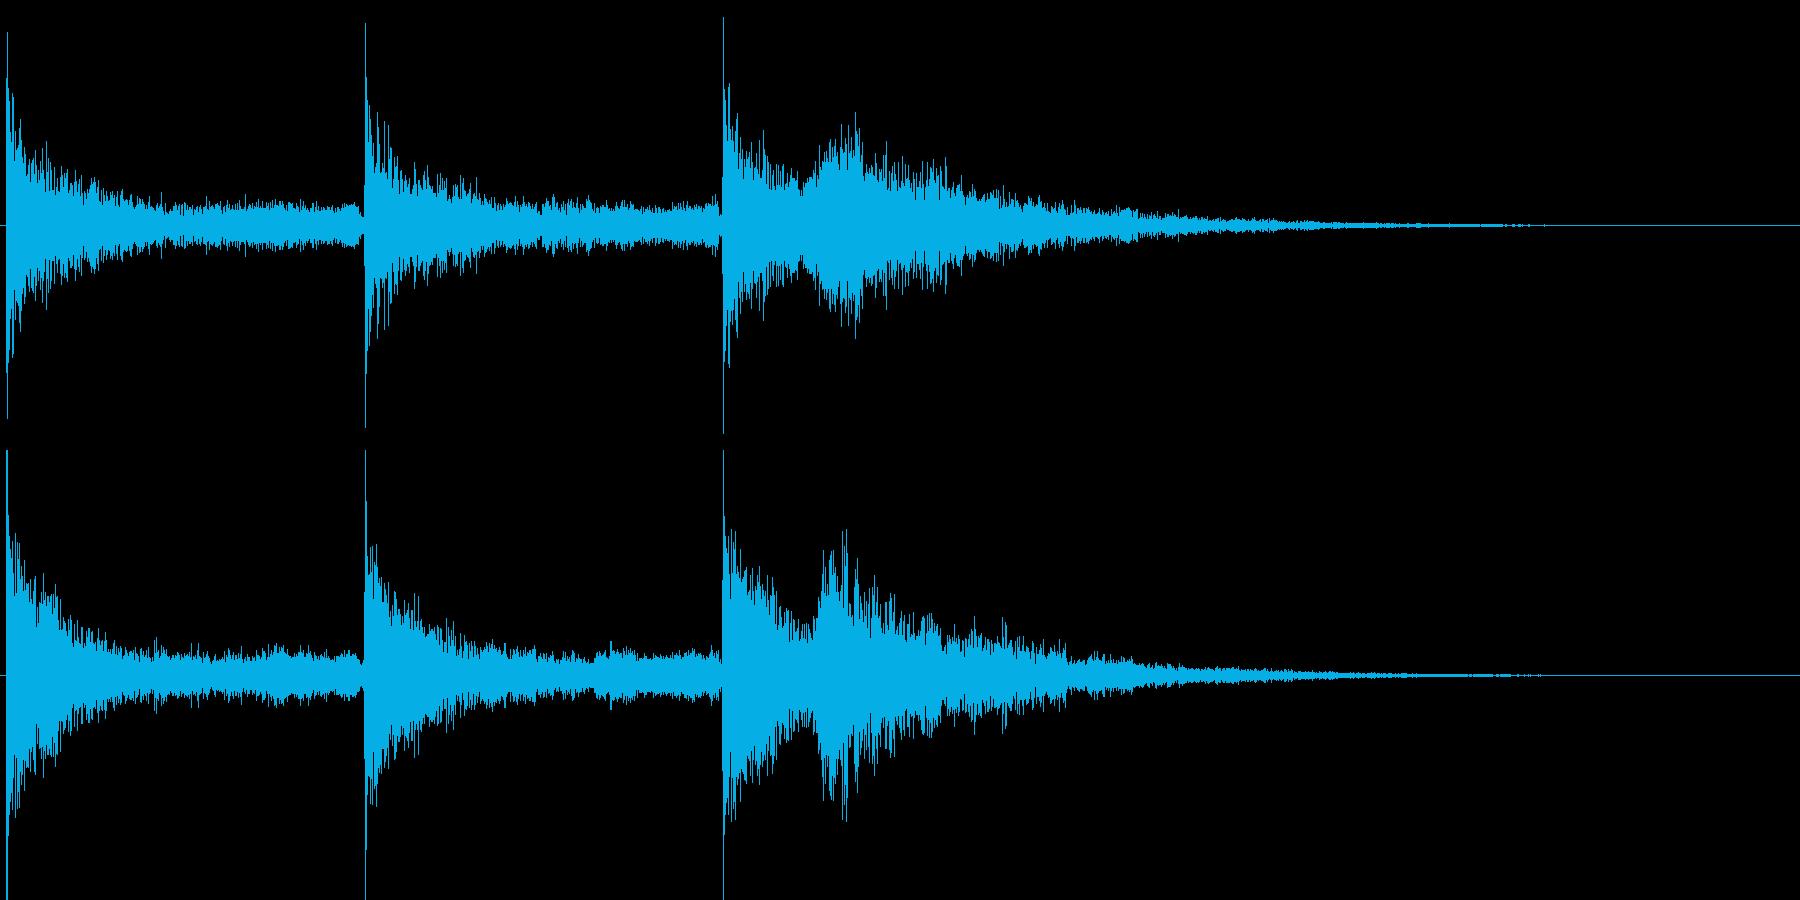 ドーン ヒュー ヒュルヒュルの再生済みの波形